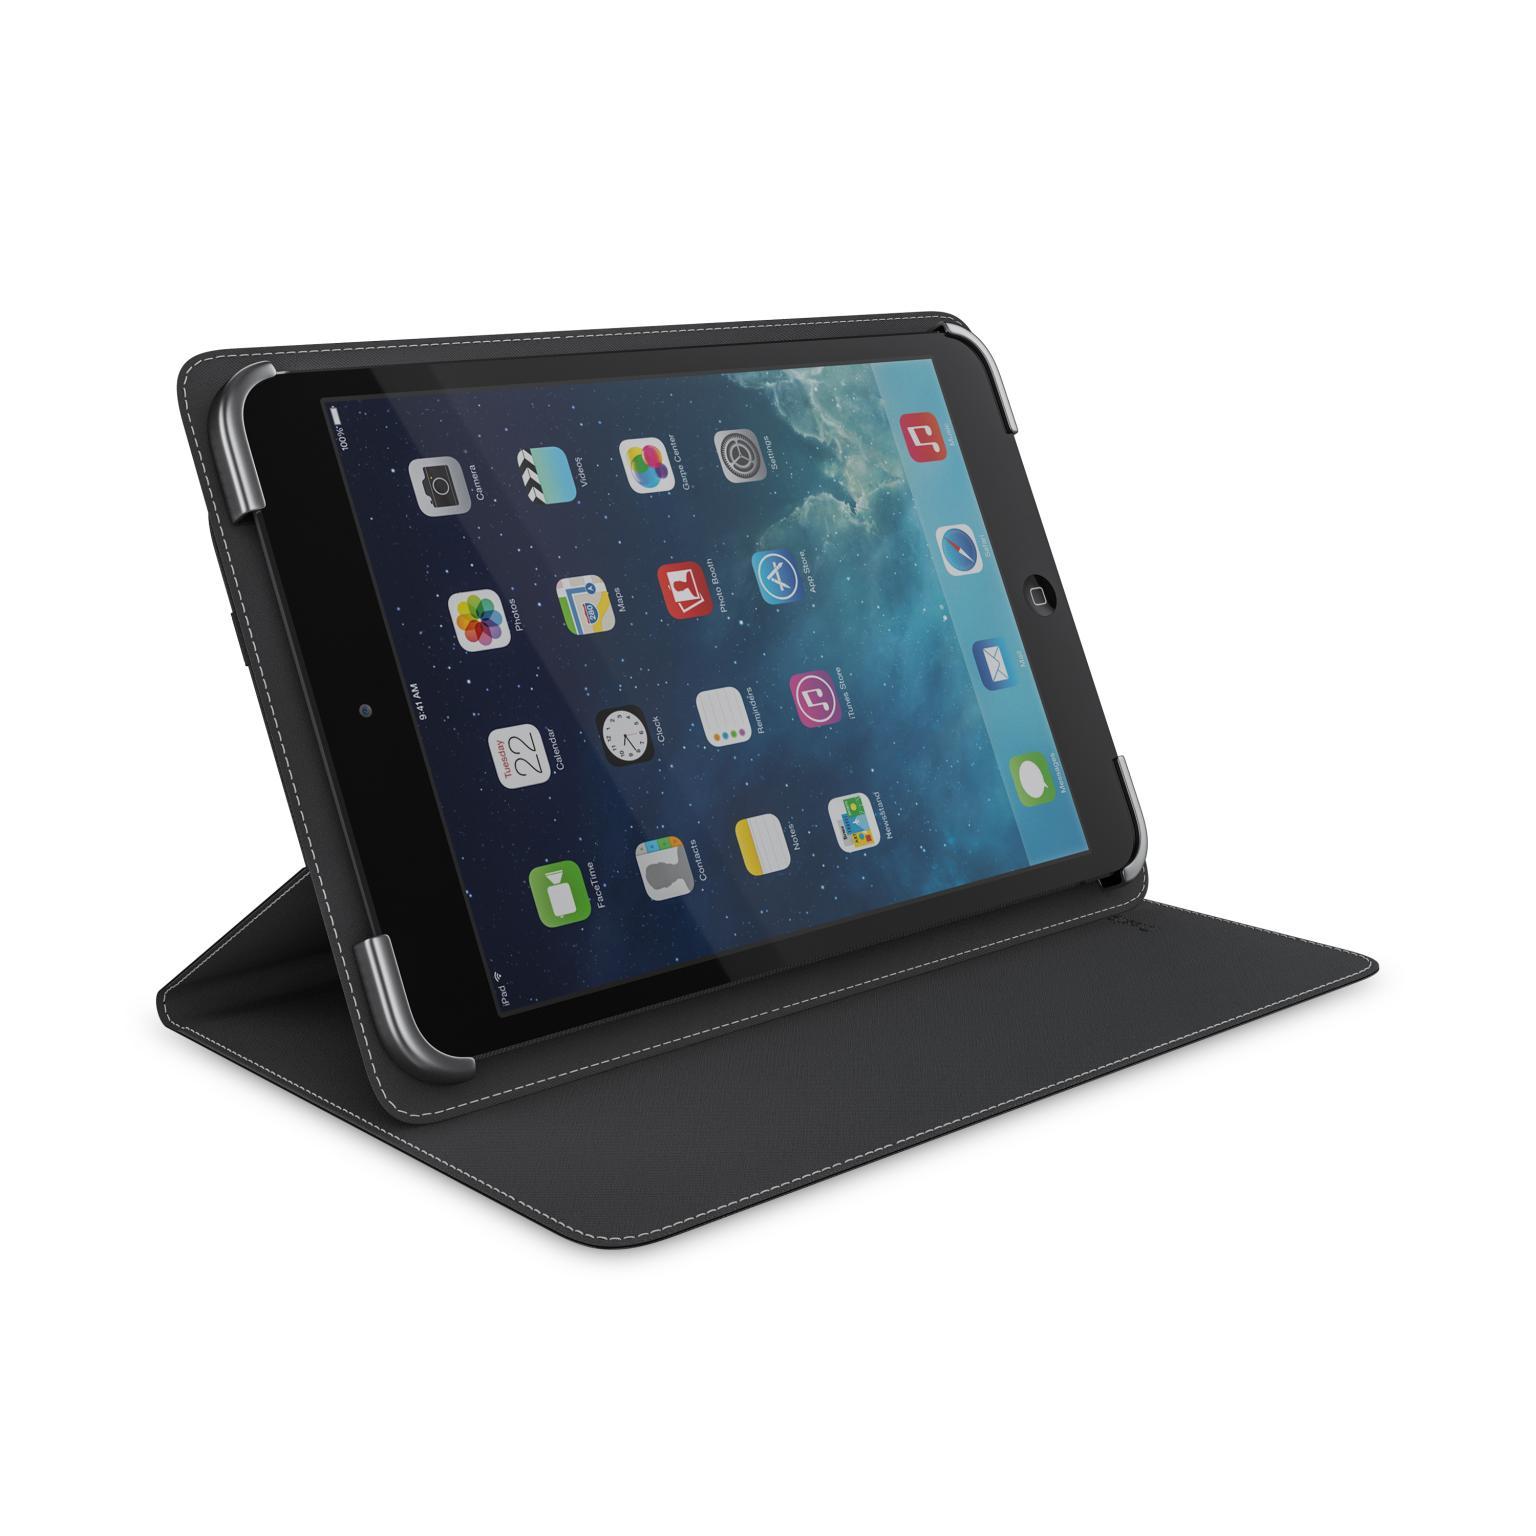 Afbeelding van BeHello Universal Tablet Case 7 8Inch Black